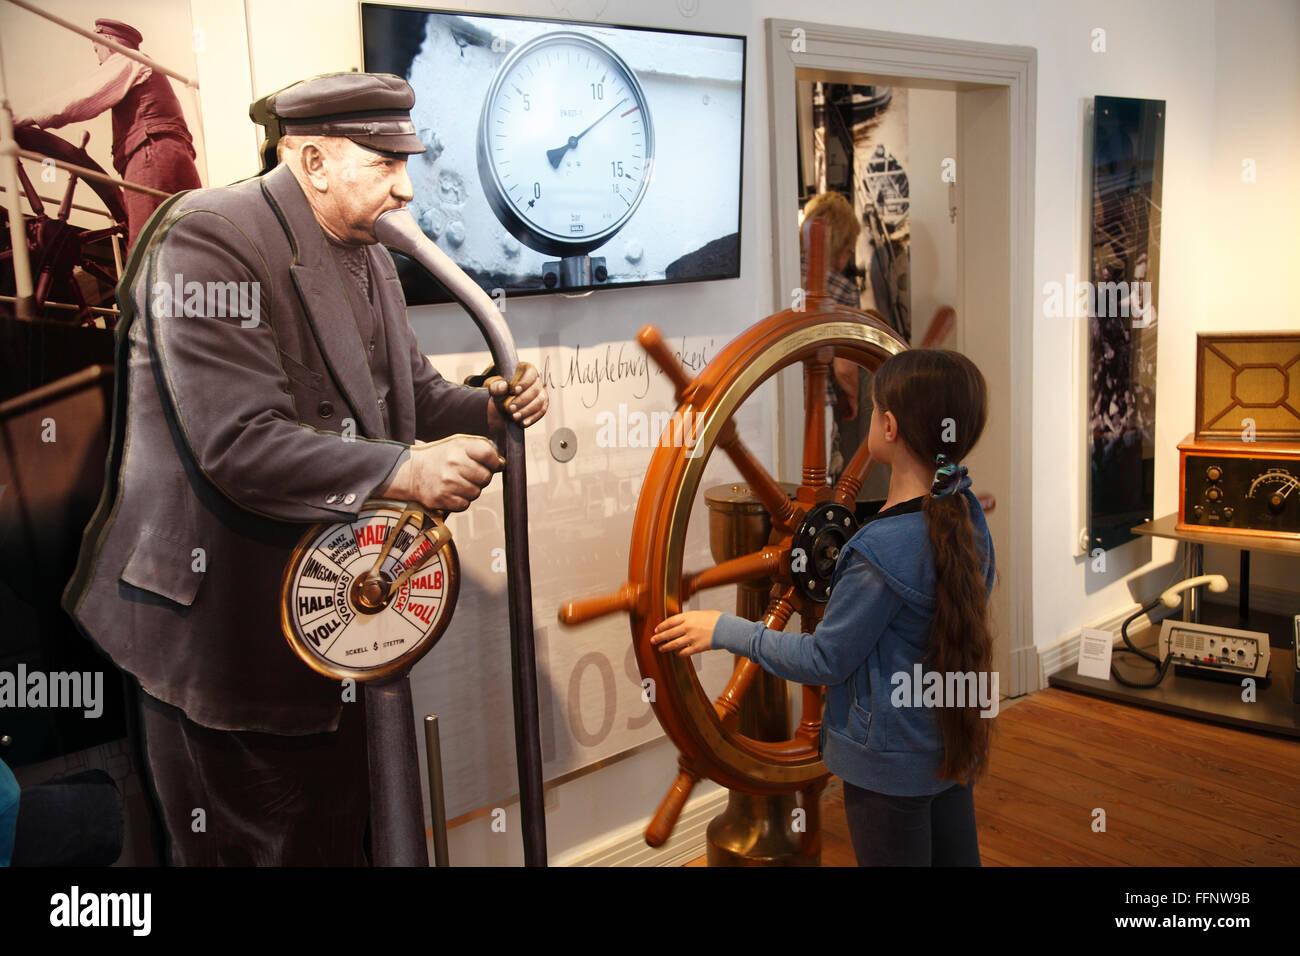 Elbschifffahrtsmuseum, Elbe shipping museum, Lauenburg, Schleswig-Holstein, Germany, Europe - Stock Image